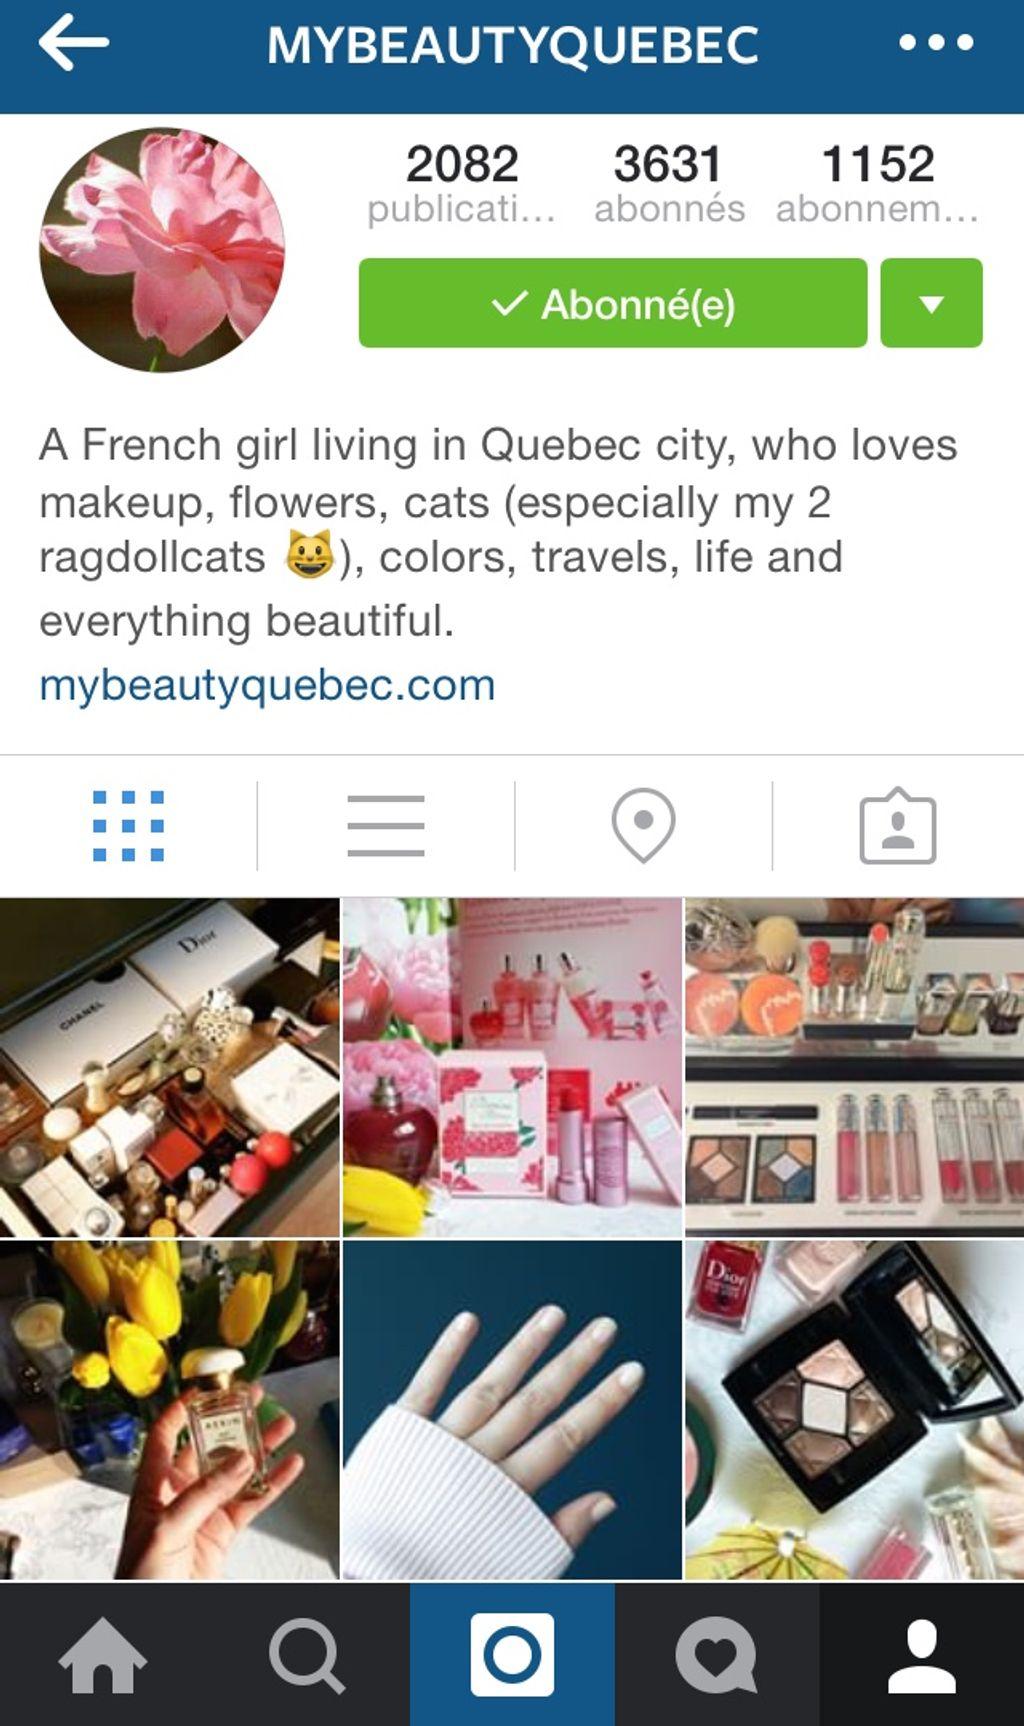 5 comptes beauté que j'aime suivre sur Instagram